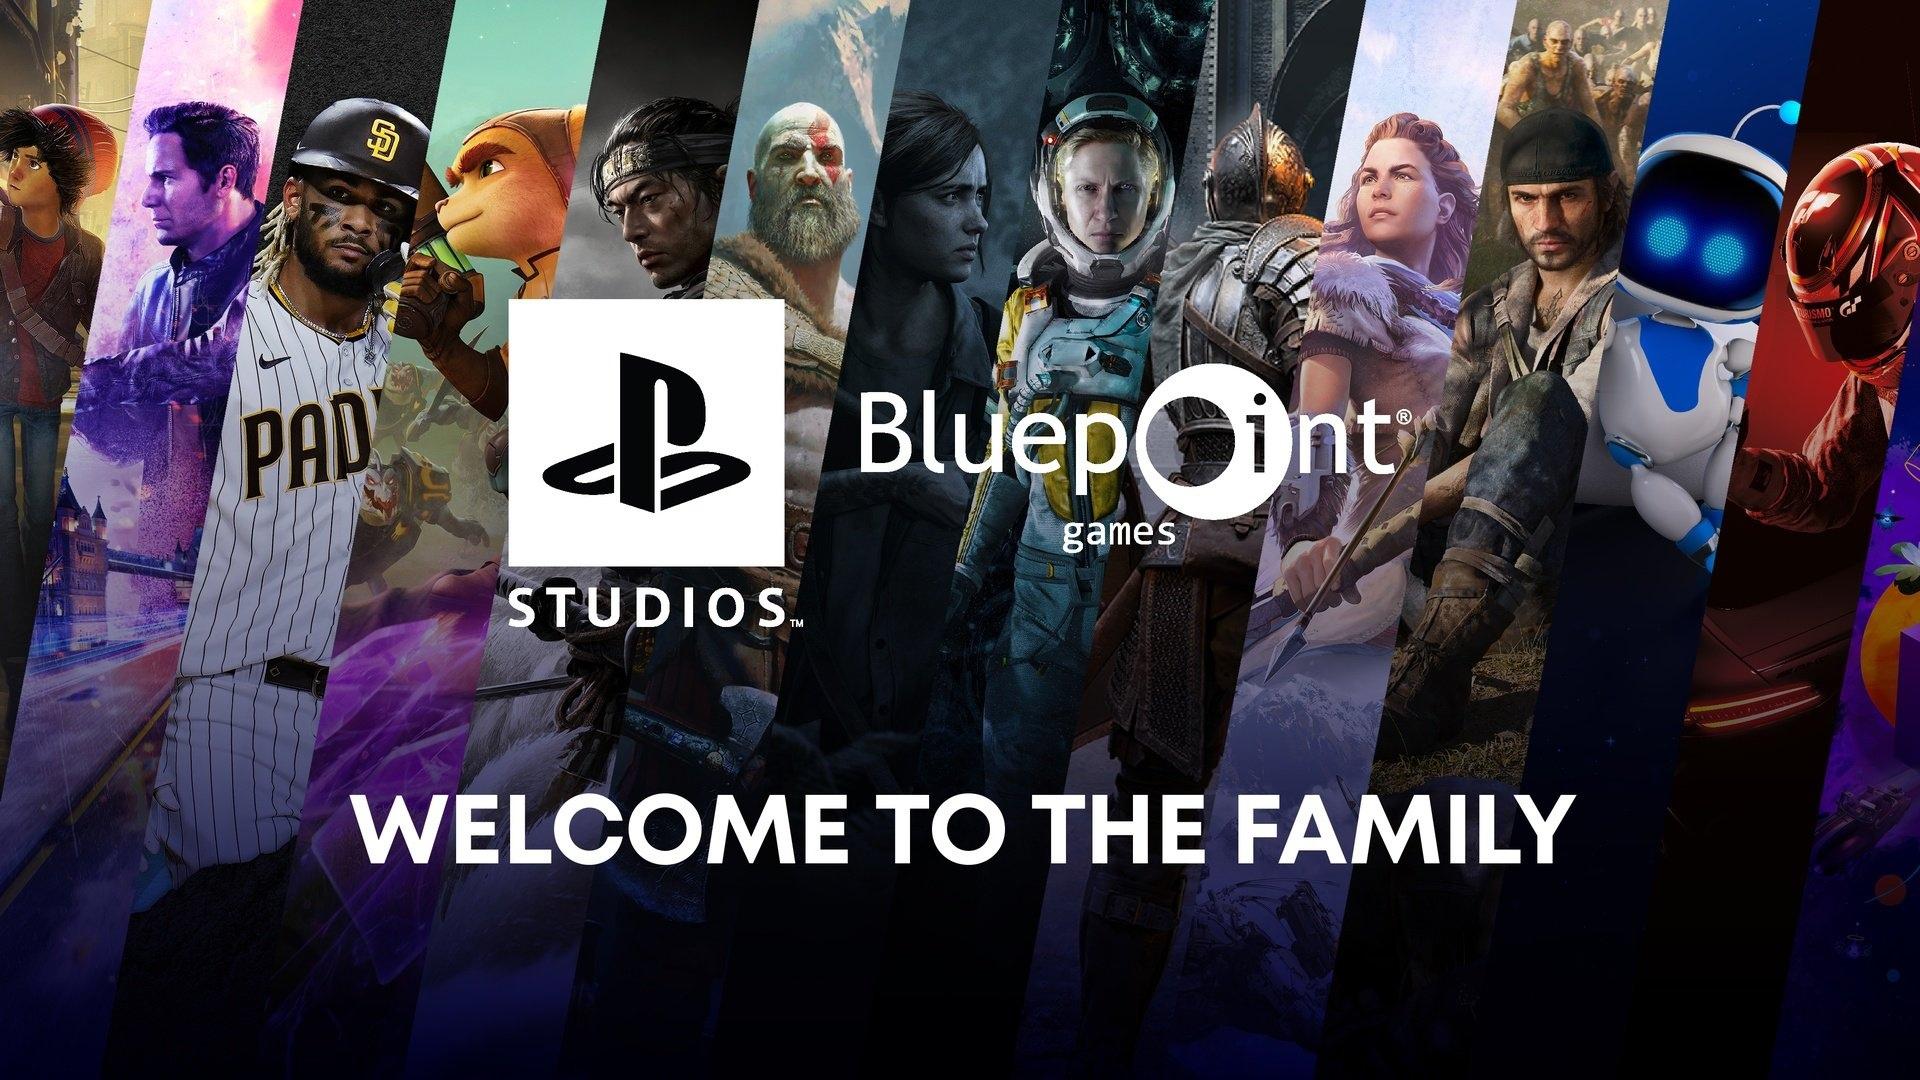 Японский твиттер PlayStation случайно прифотошопил картинку со студией Bluepoint Games в новости про покупку студии Housemarque (Reternal, Resogun, Alienation)